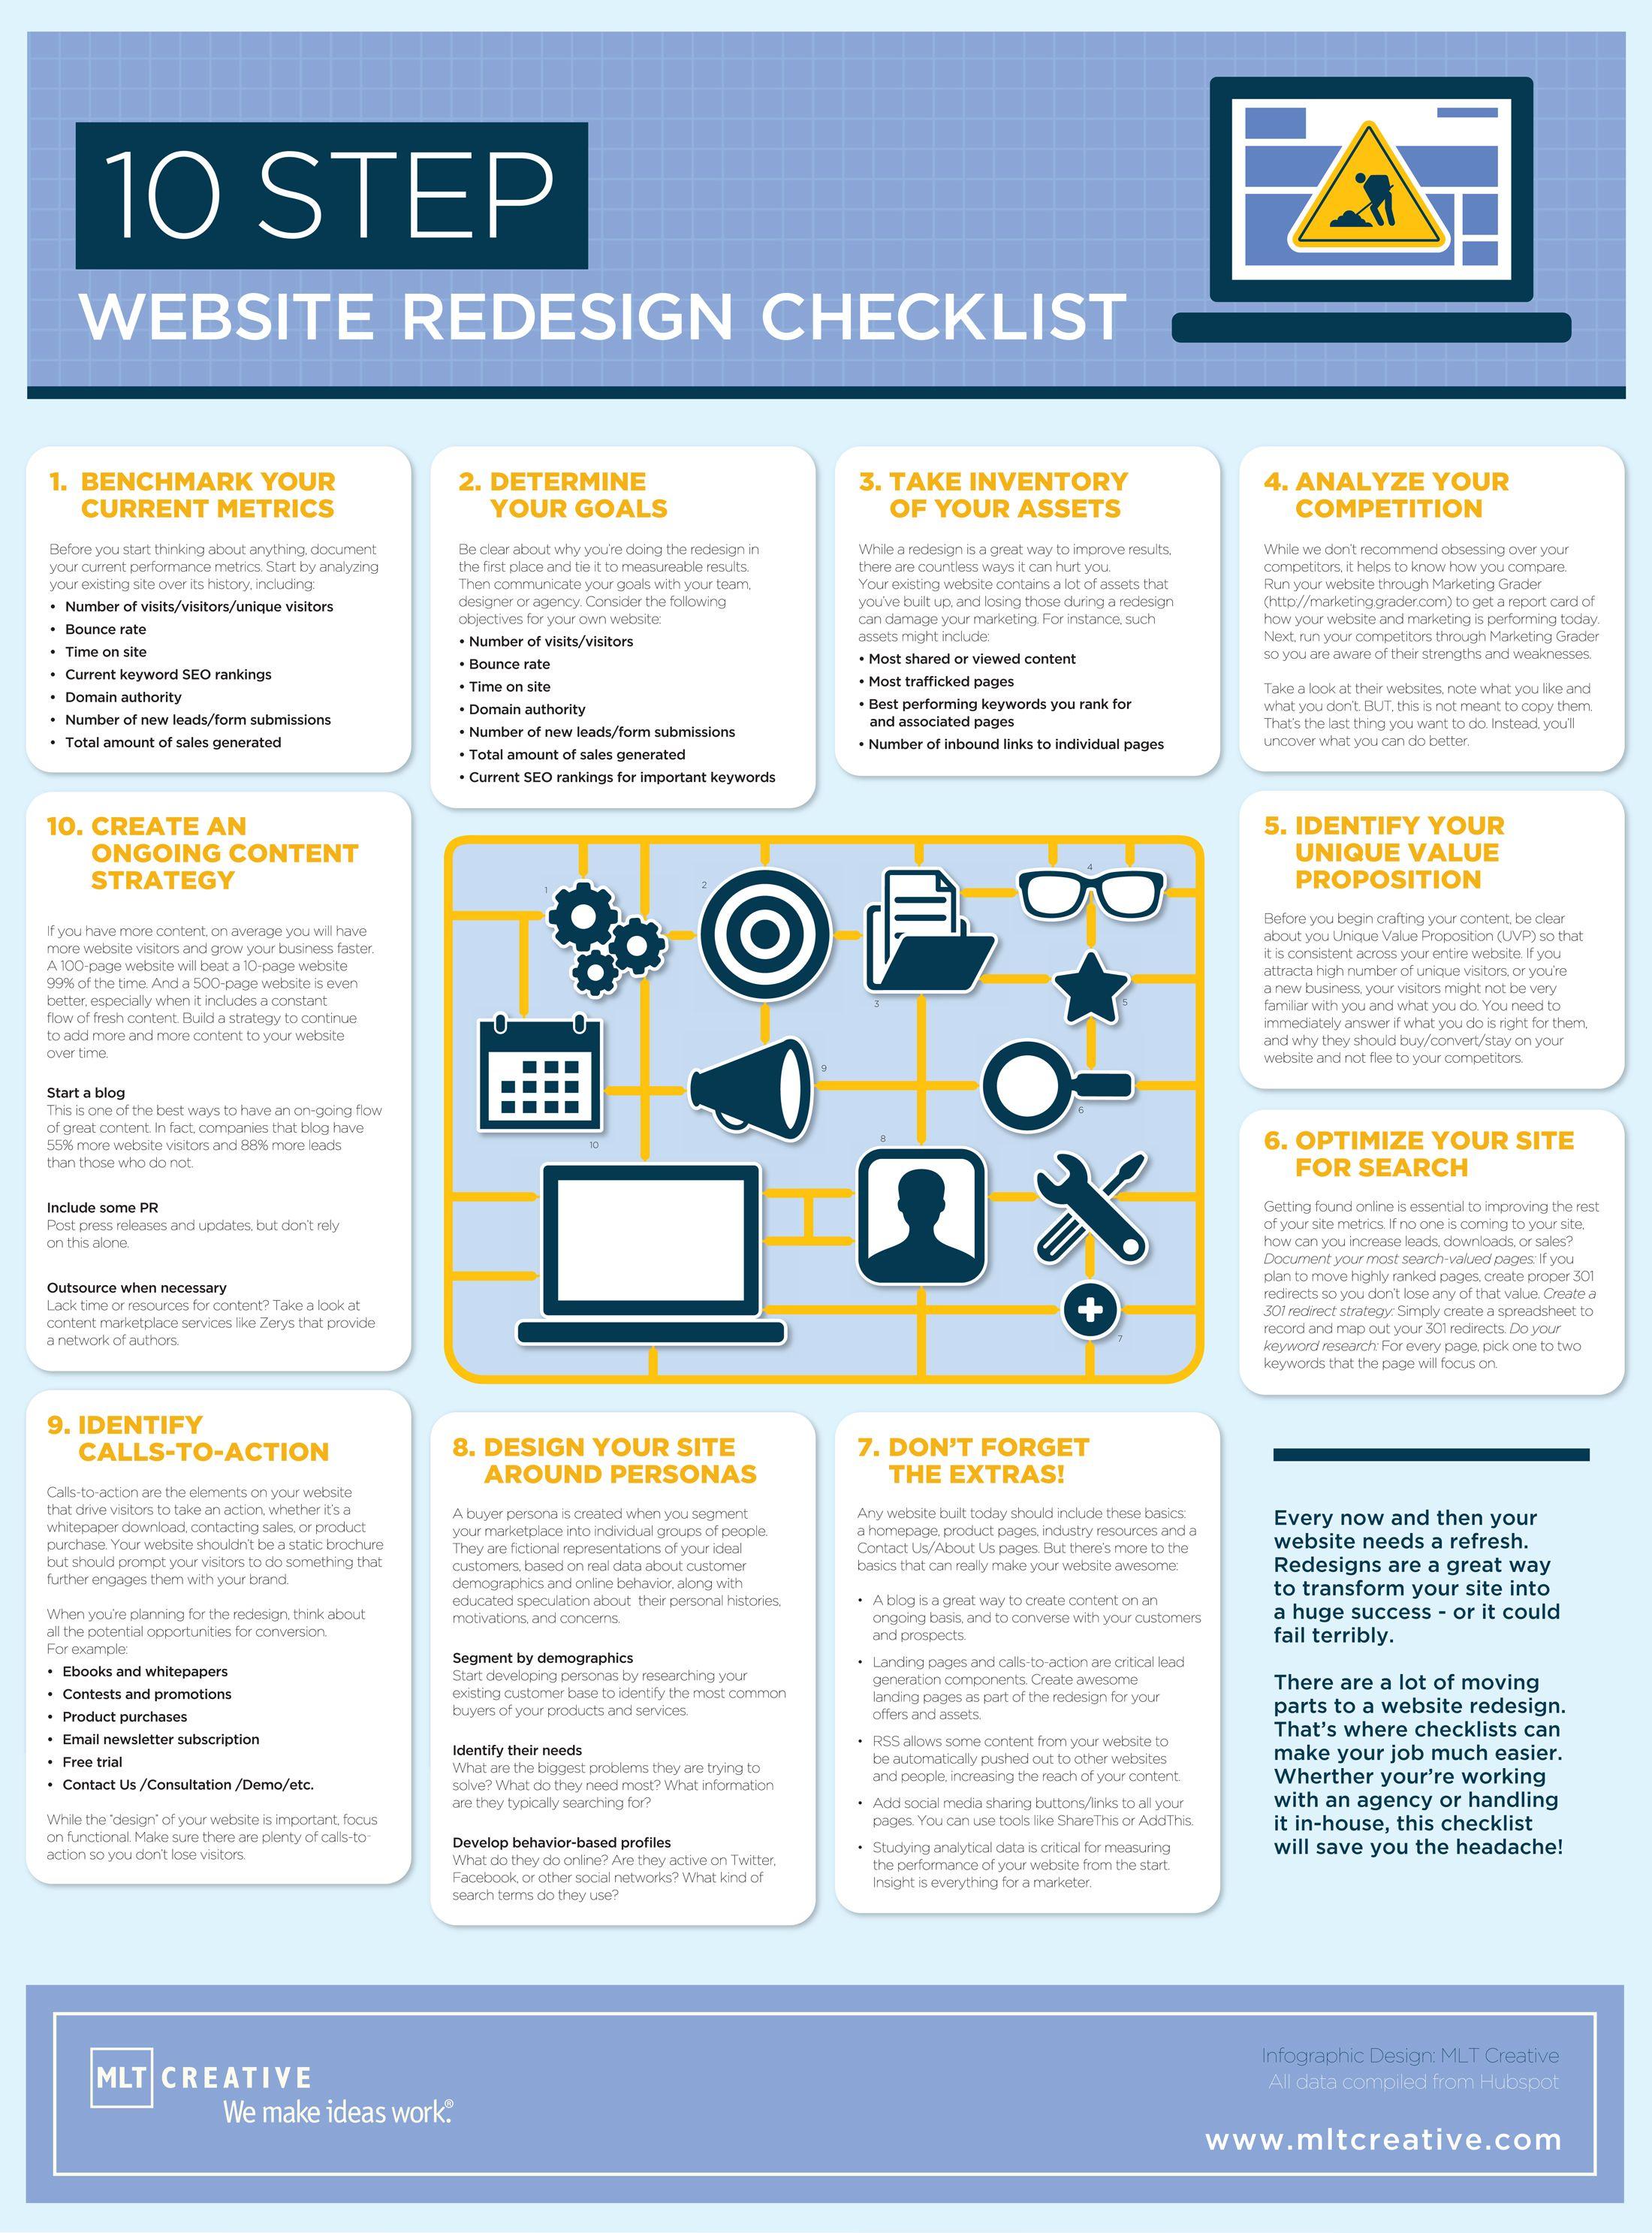 B2b Website Redesign Checklist Infographic Website Redesign Website Checklist Infographic Website